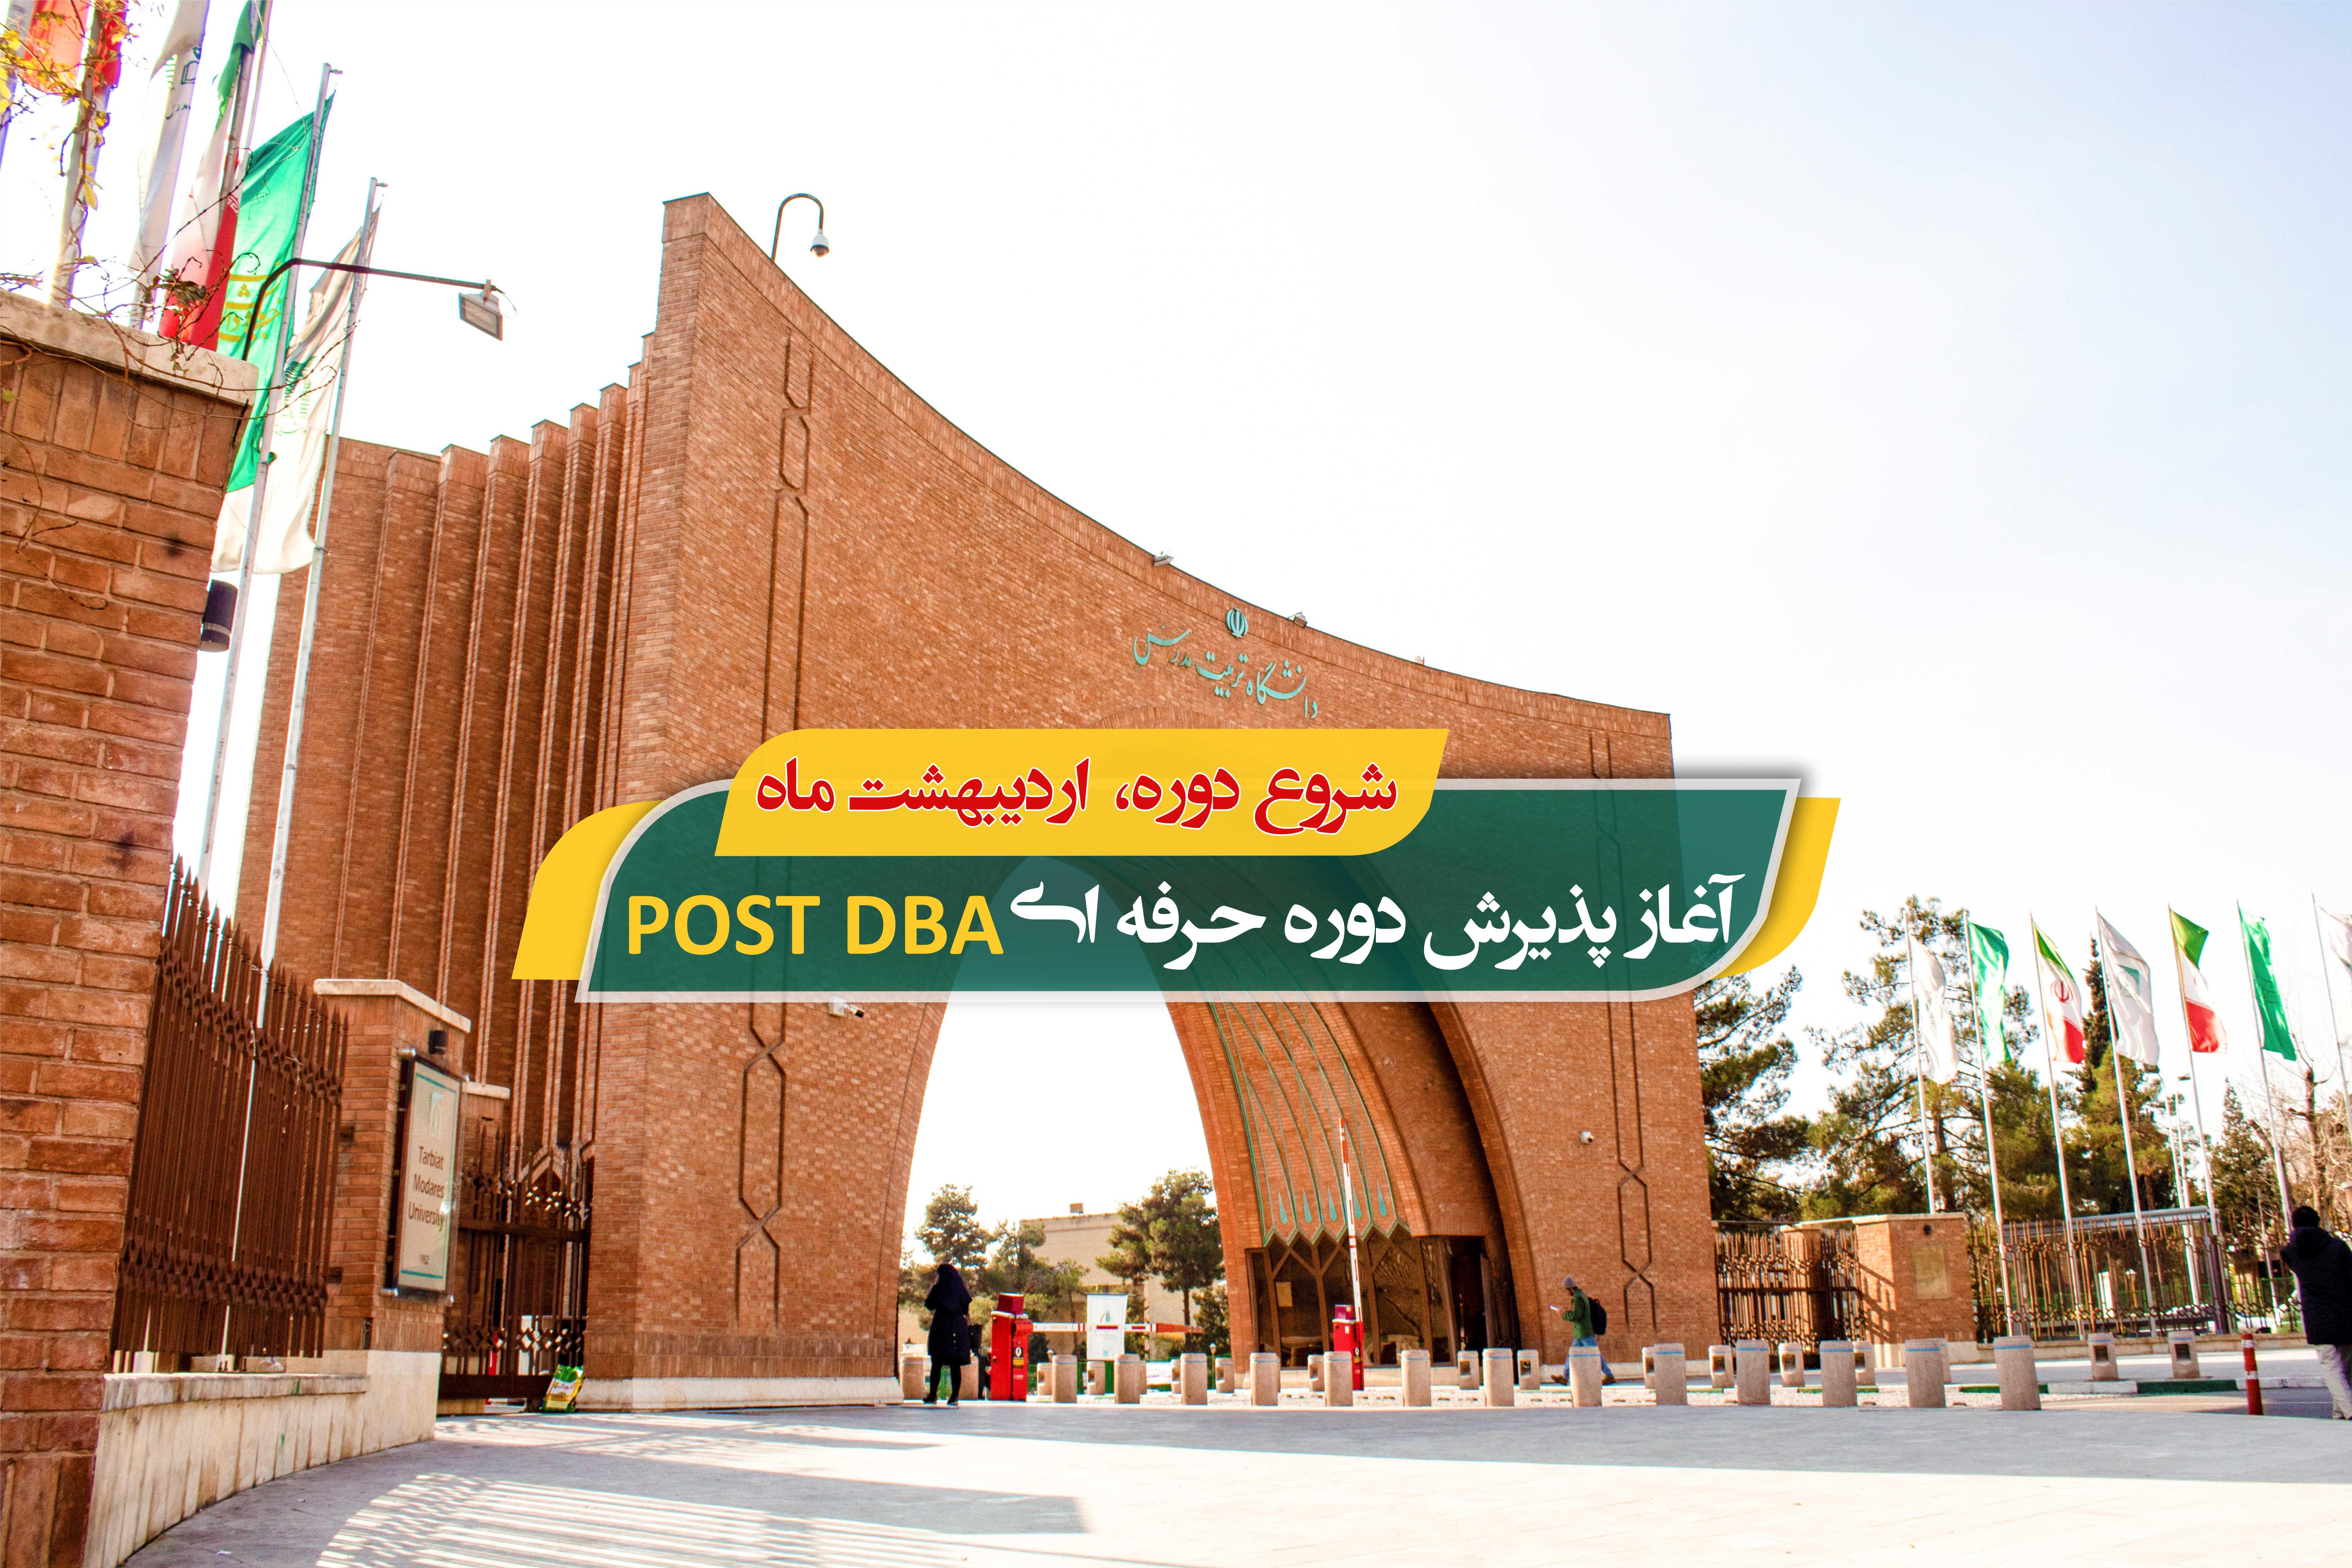 دوره مدیریت عالی حرفه ای کسب و کار Post DBA